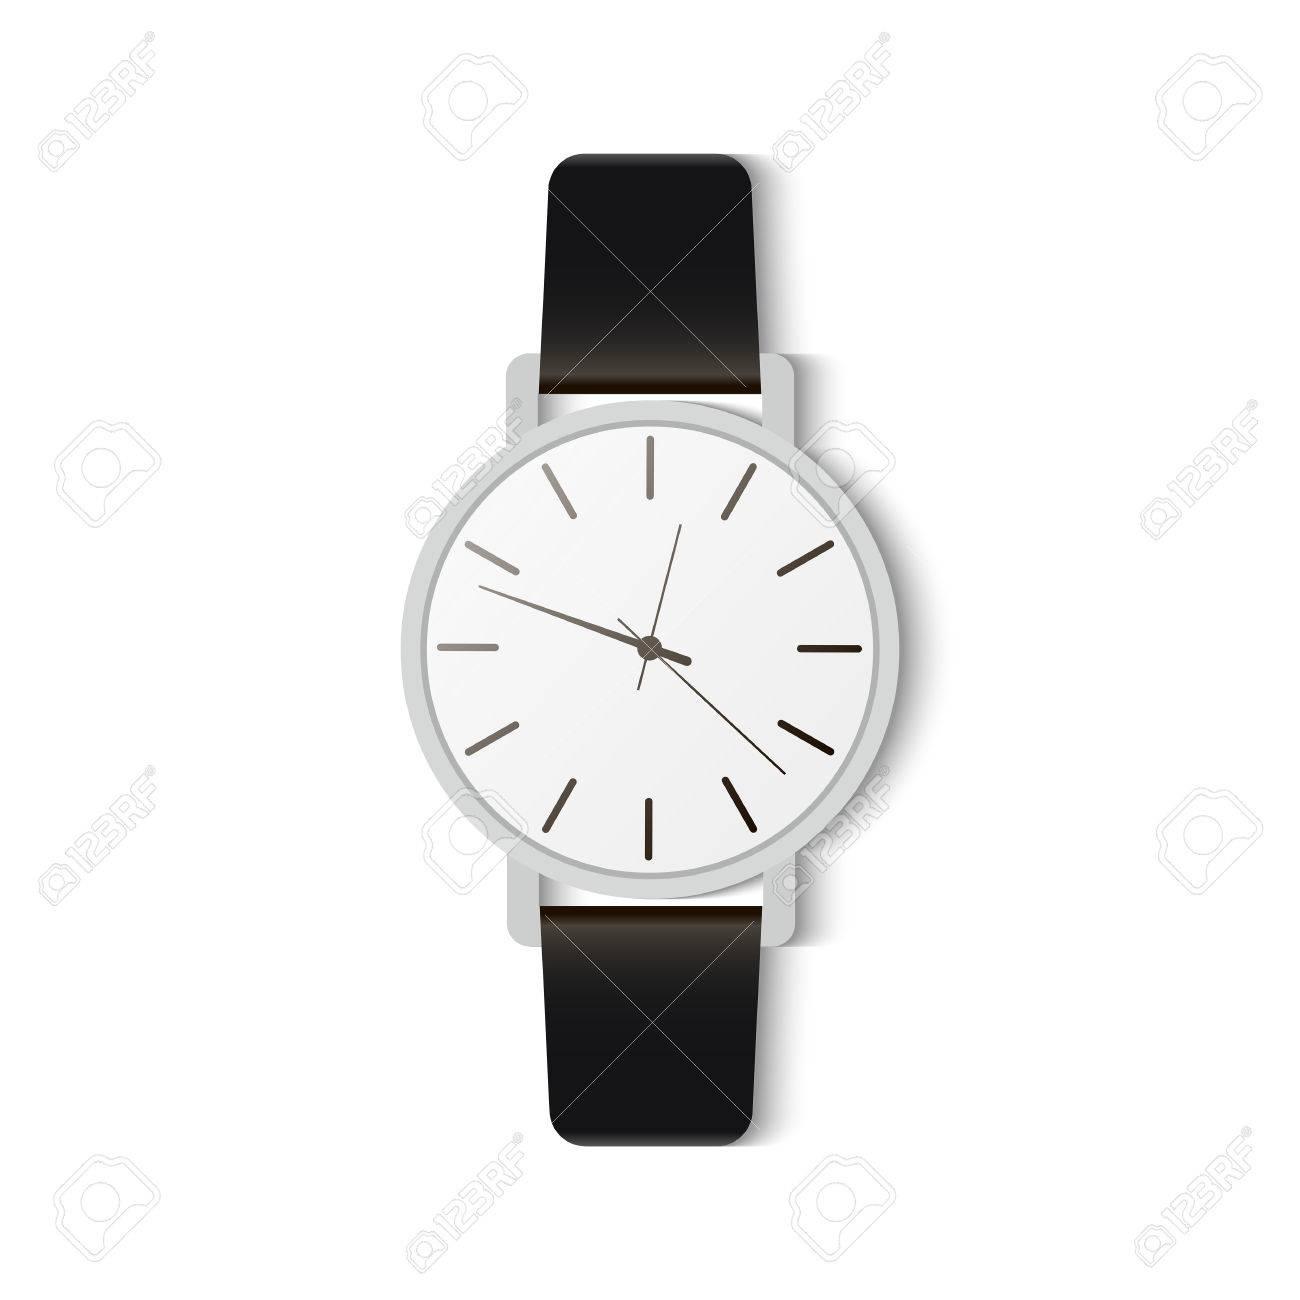 moderno y elegante en moda varios diseños San Francisco Clásico de estilo reloj de pulsera. reloj de los hombres clásicos con  correa negro.